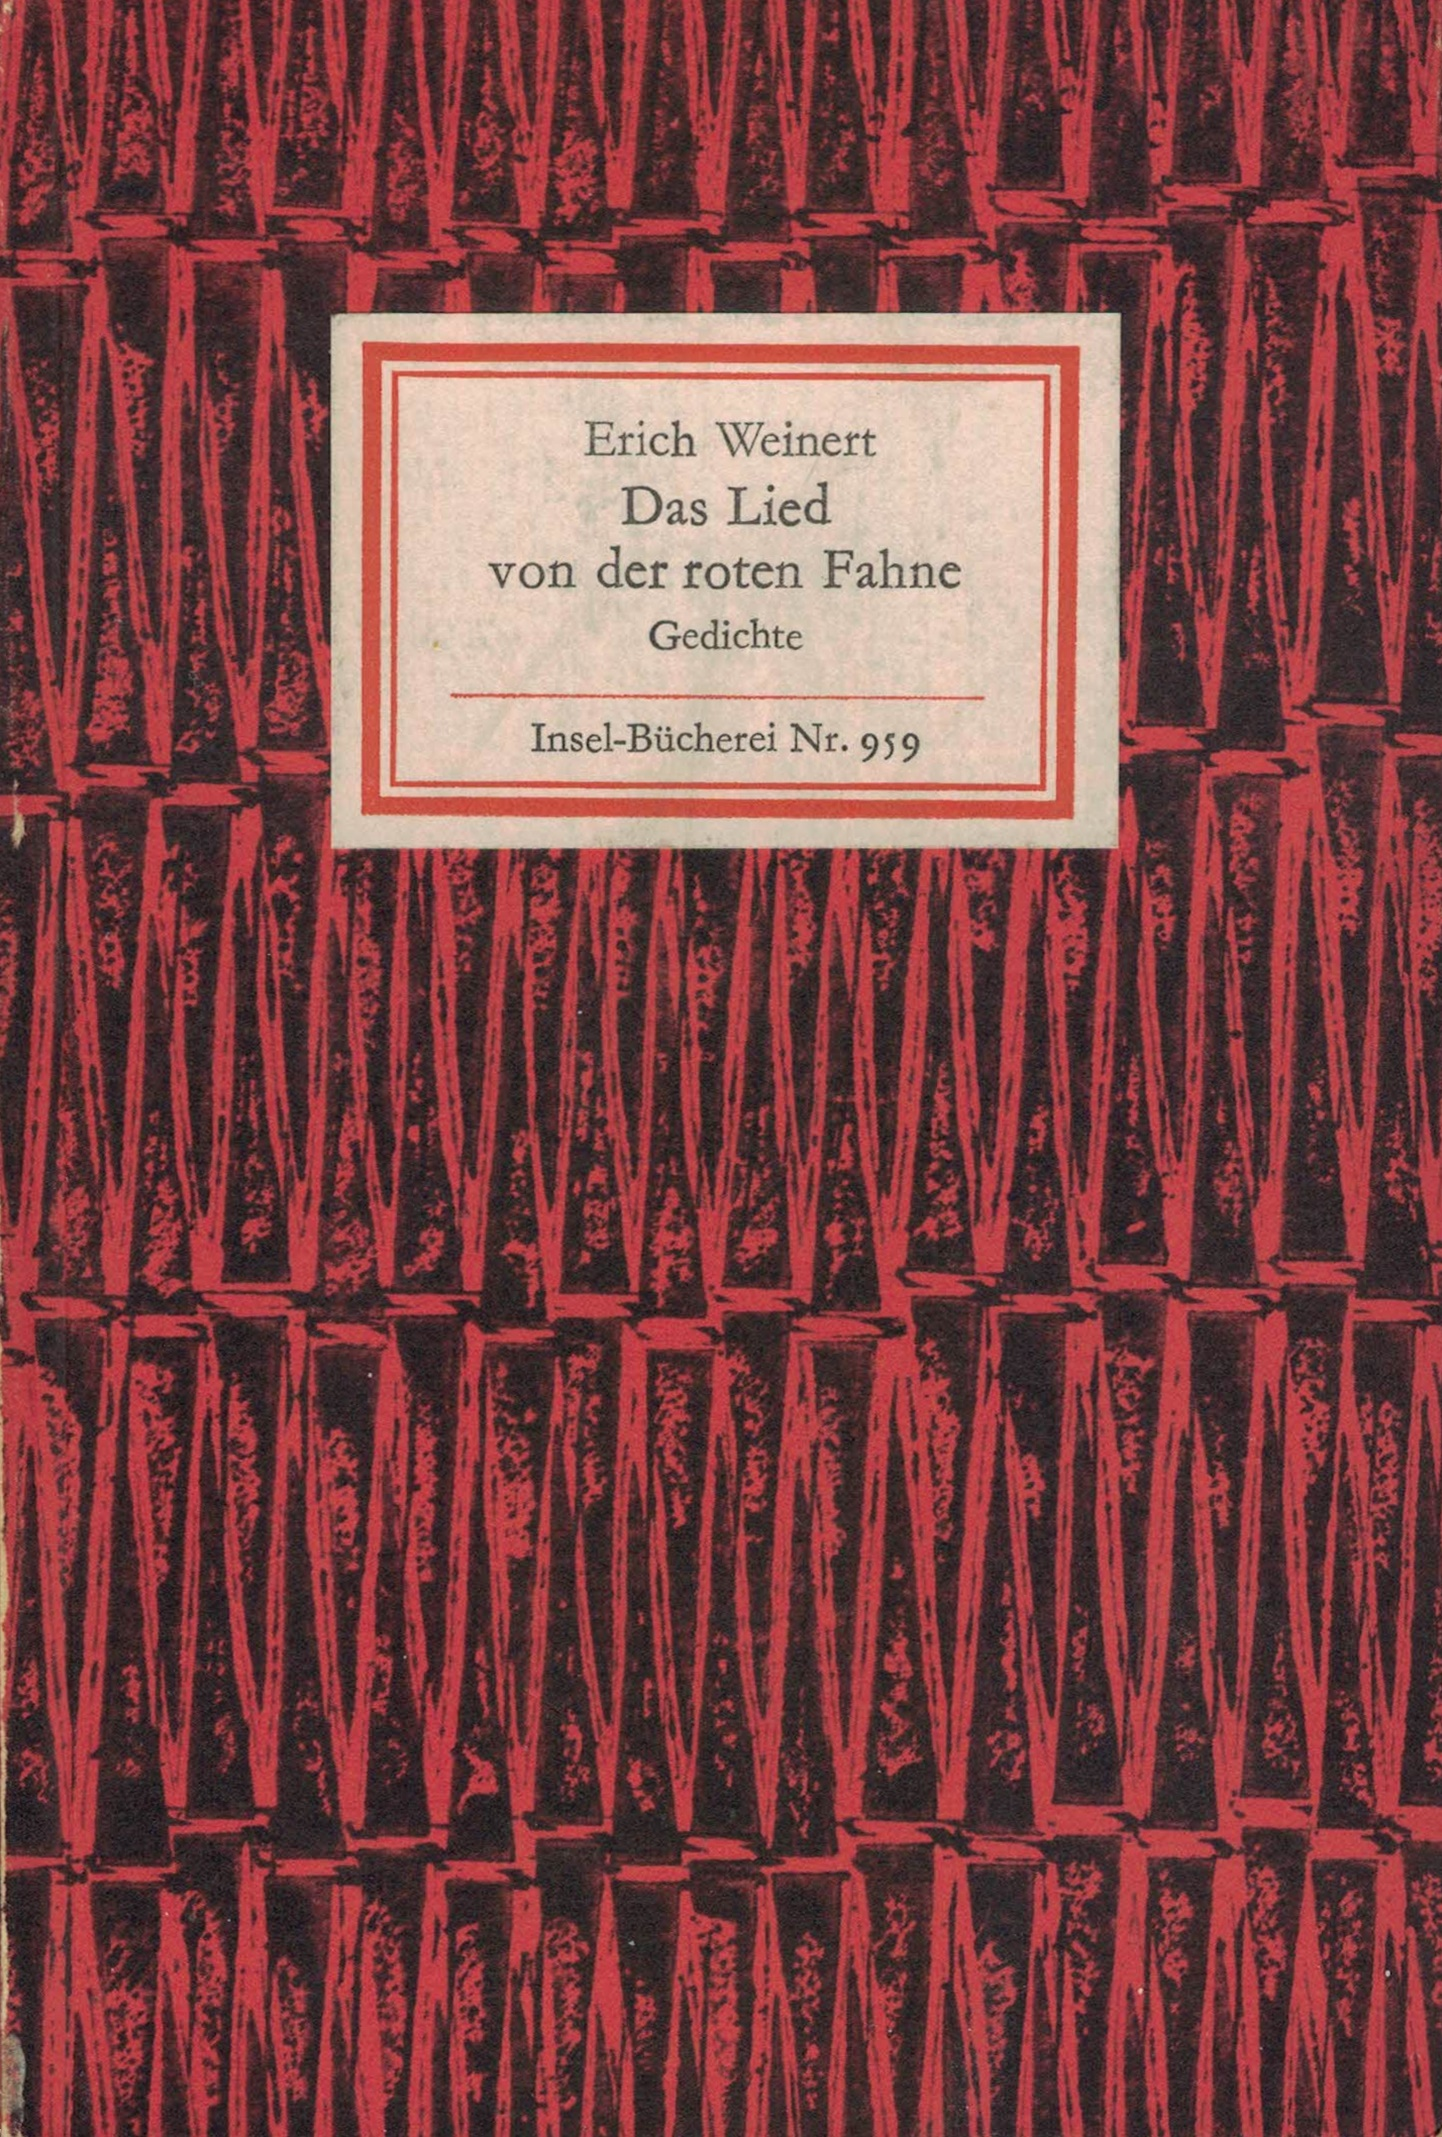 Erich Weinert - Das Lied von der roten Fahne - Gedichte